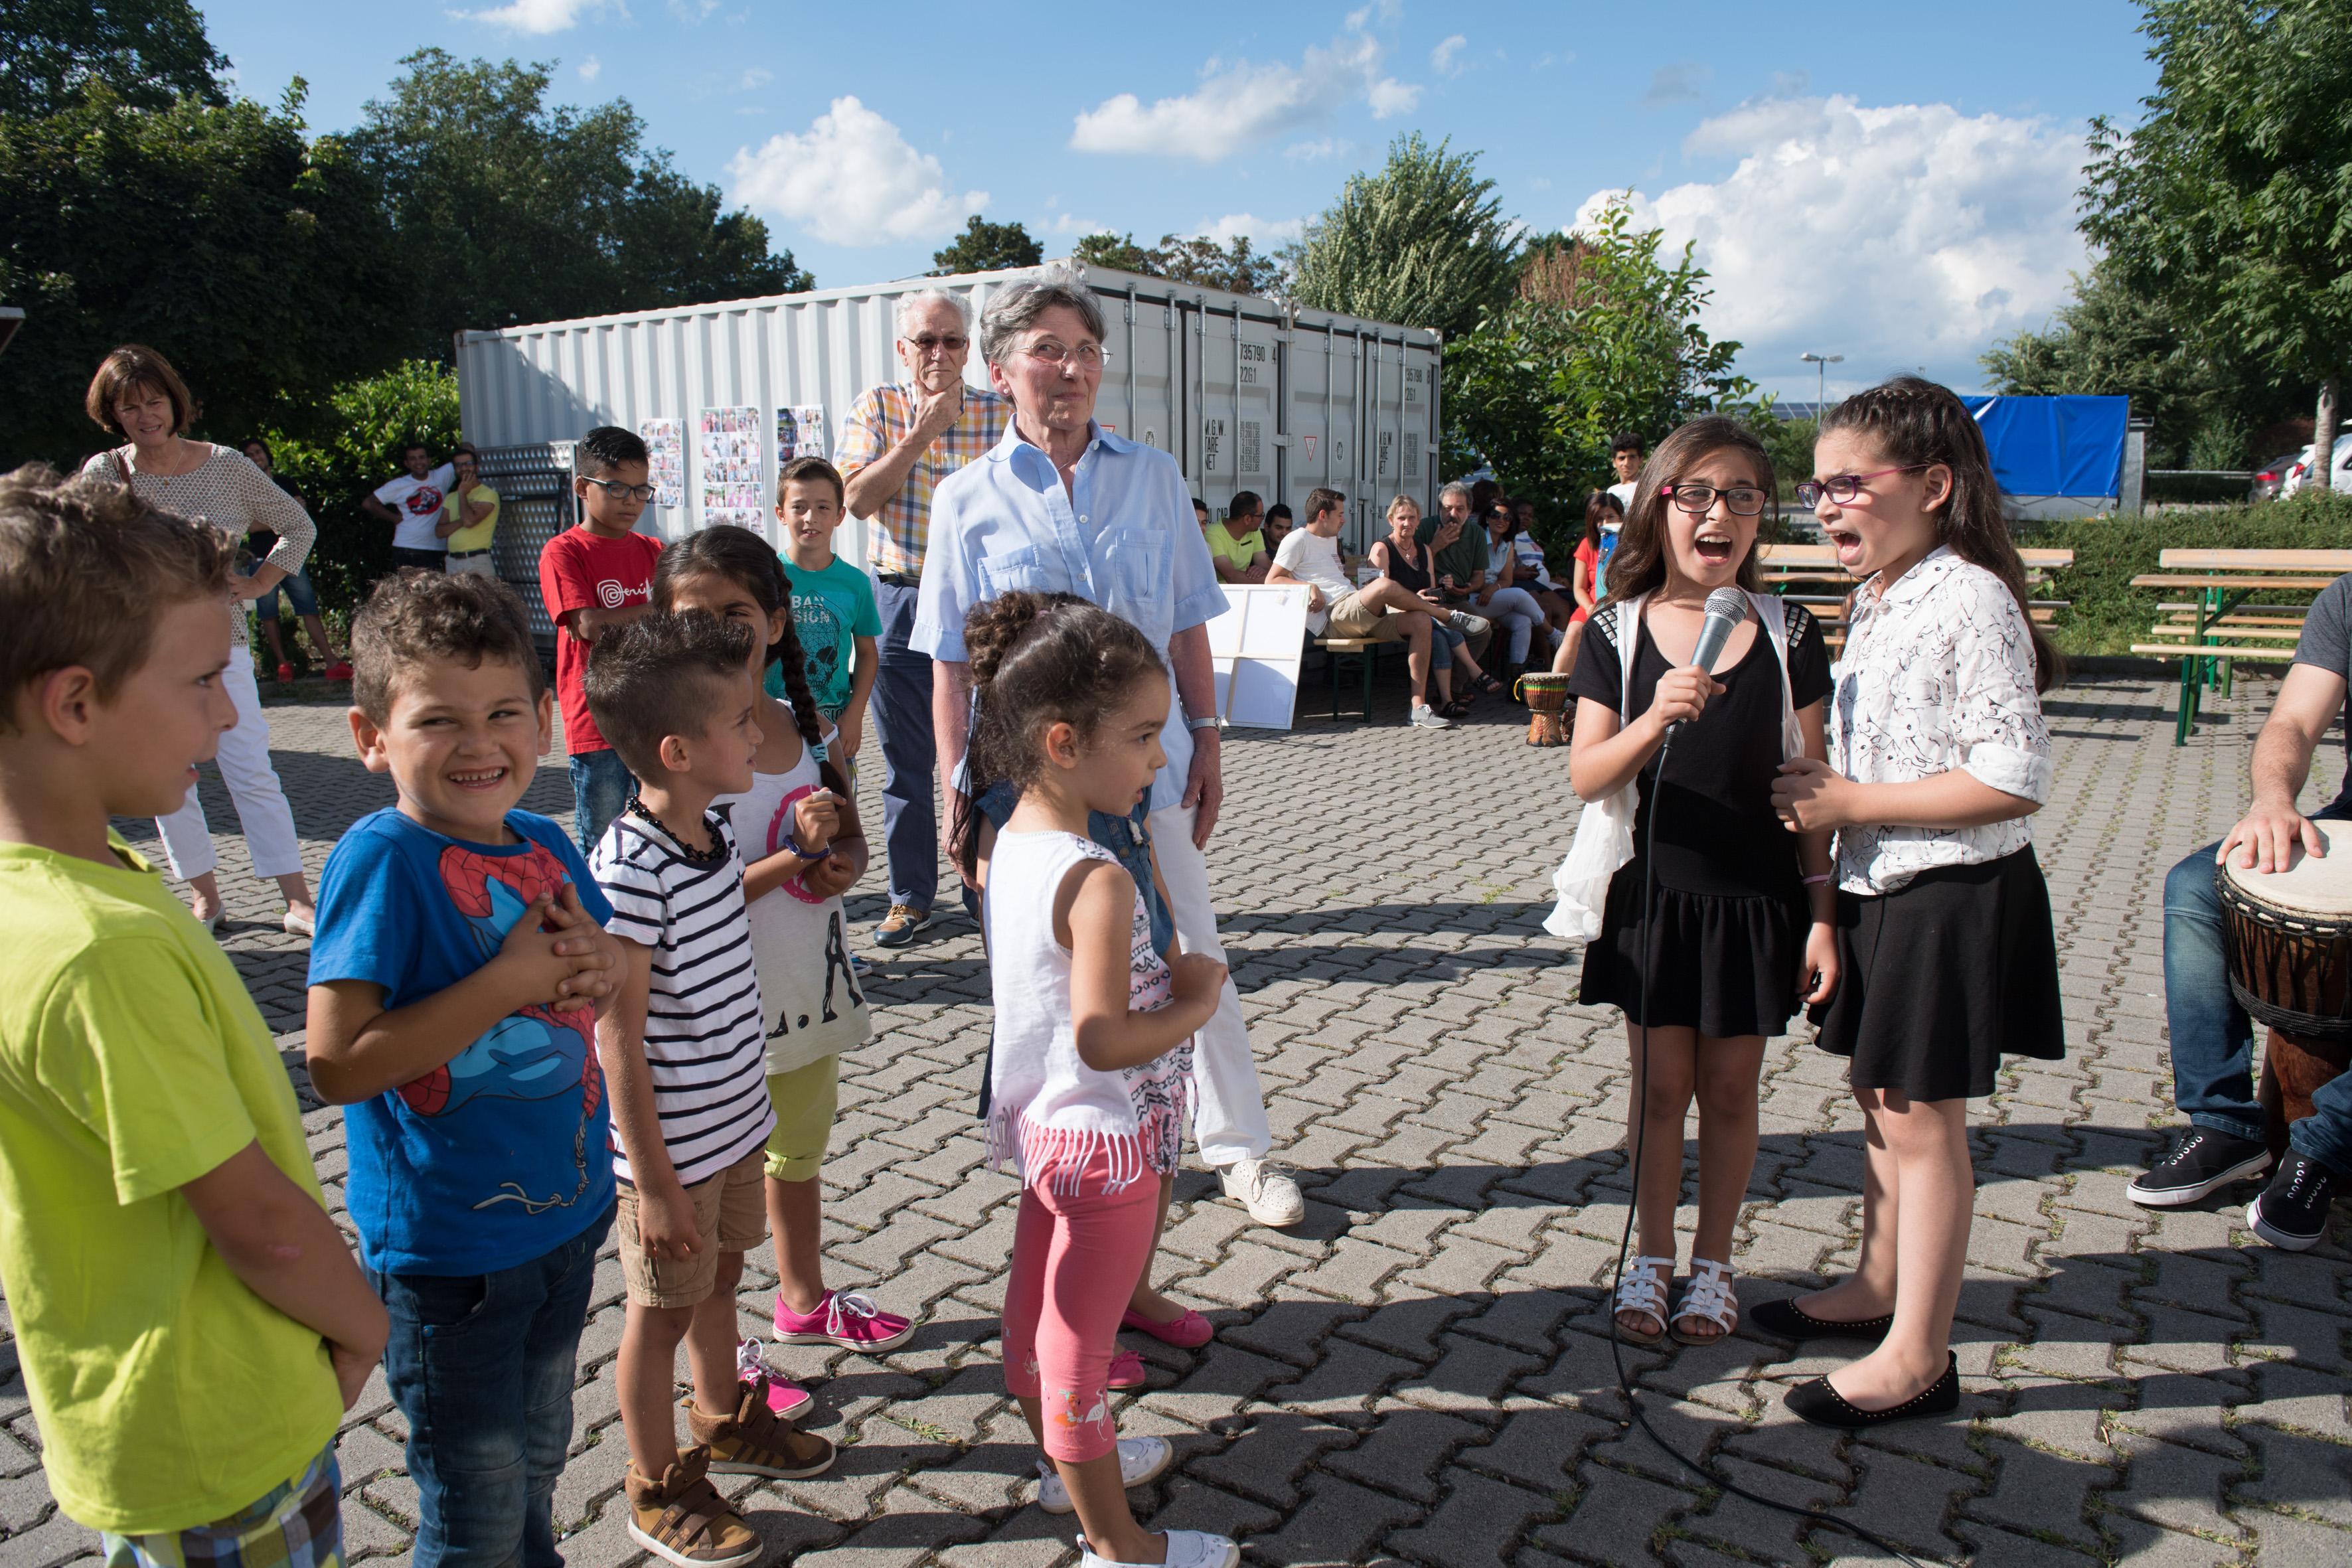 Marco Schilling 29.07.2016 WNL Weinheim Lützelsachsen - Waid / World-Café am GUPS-Hotel feiert Einjähriges / Bild: Flüchtlings-Kinderchor